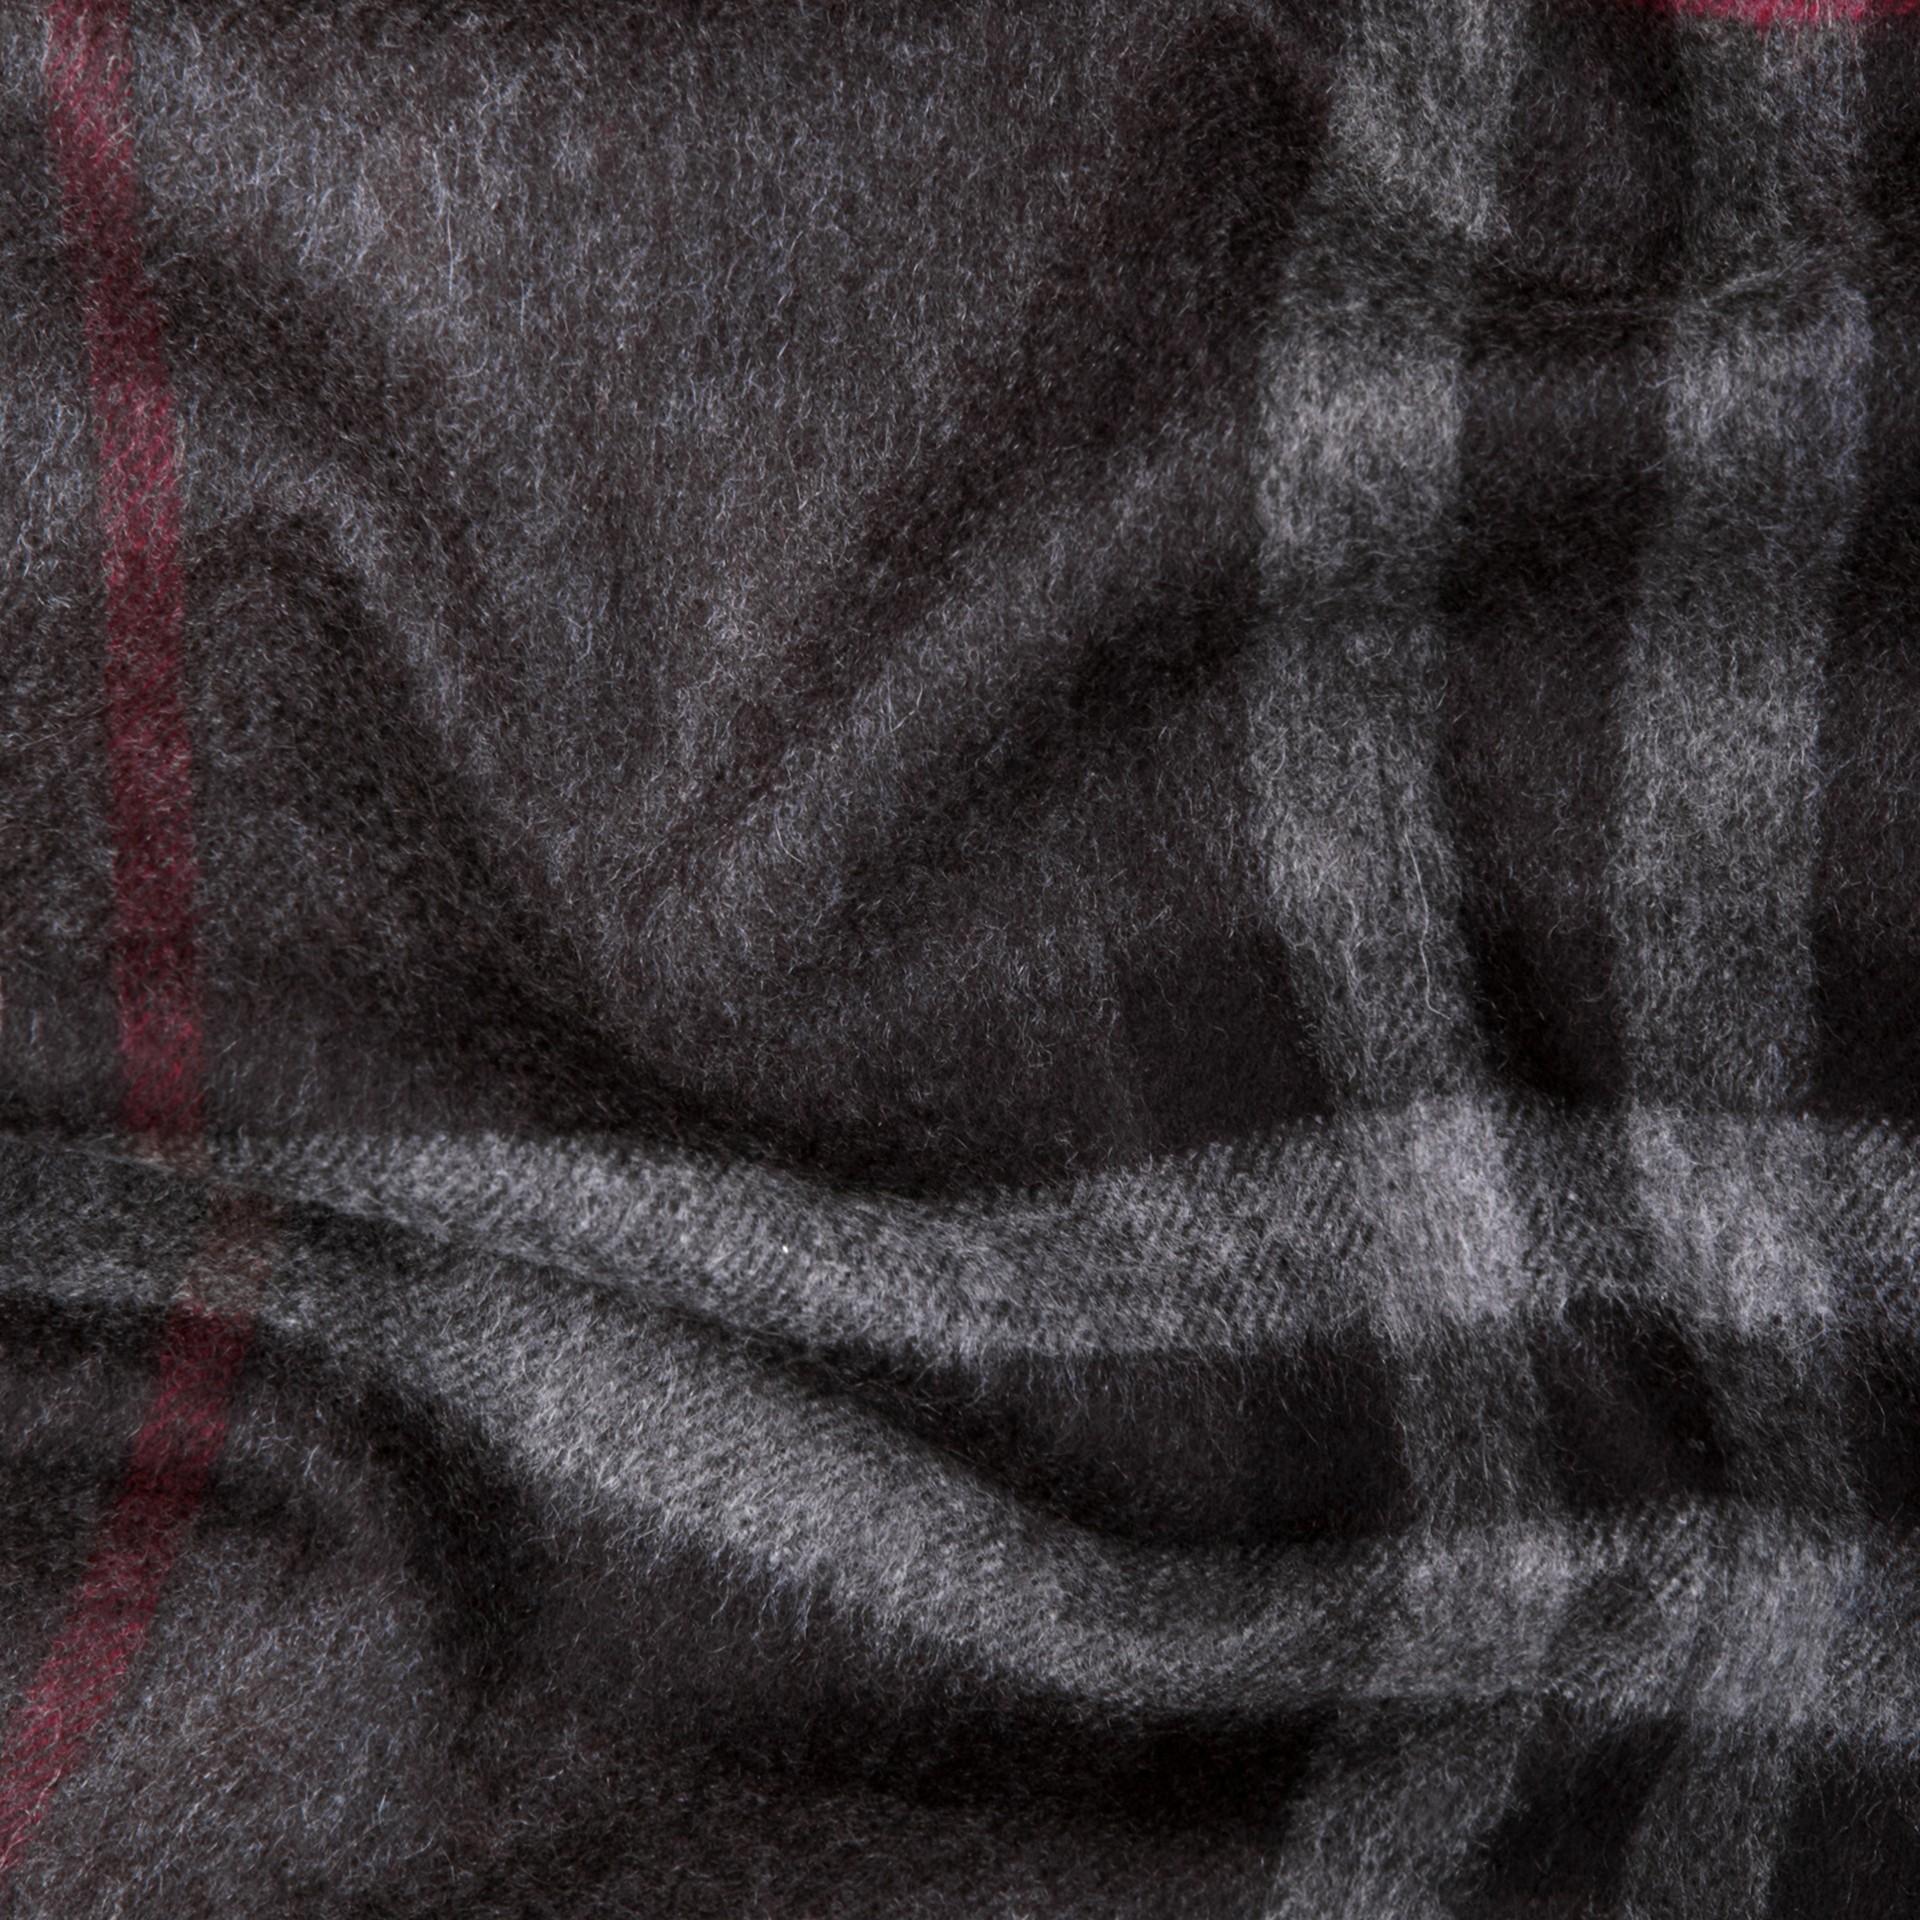 Check anthracite Écharpe classique en cachemire à motif check Anthracite - photo de la galerie 4